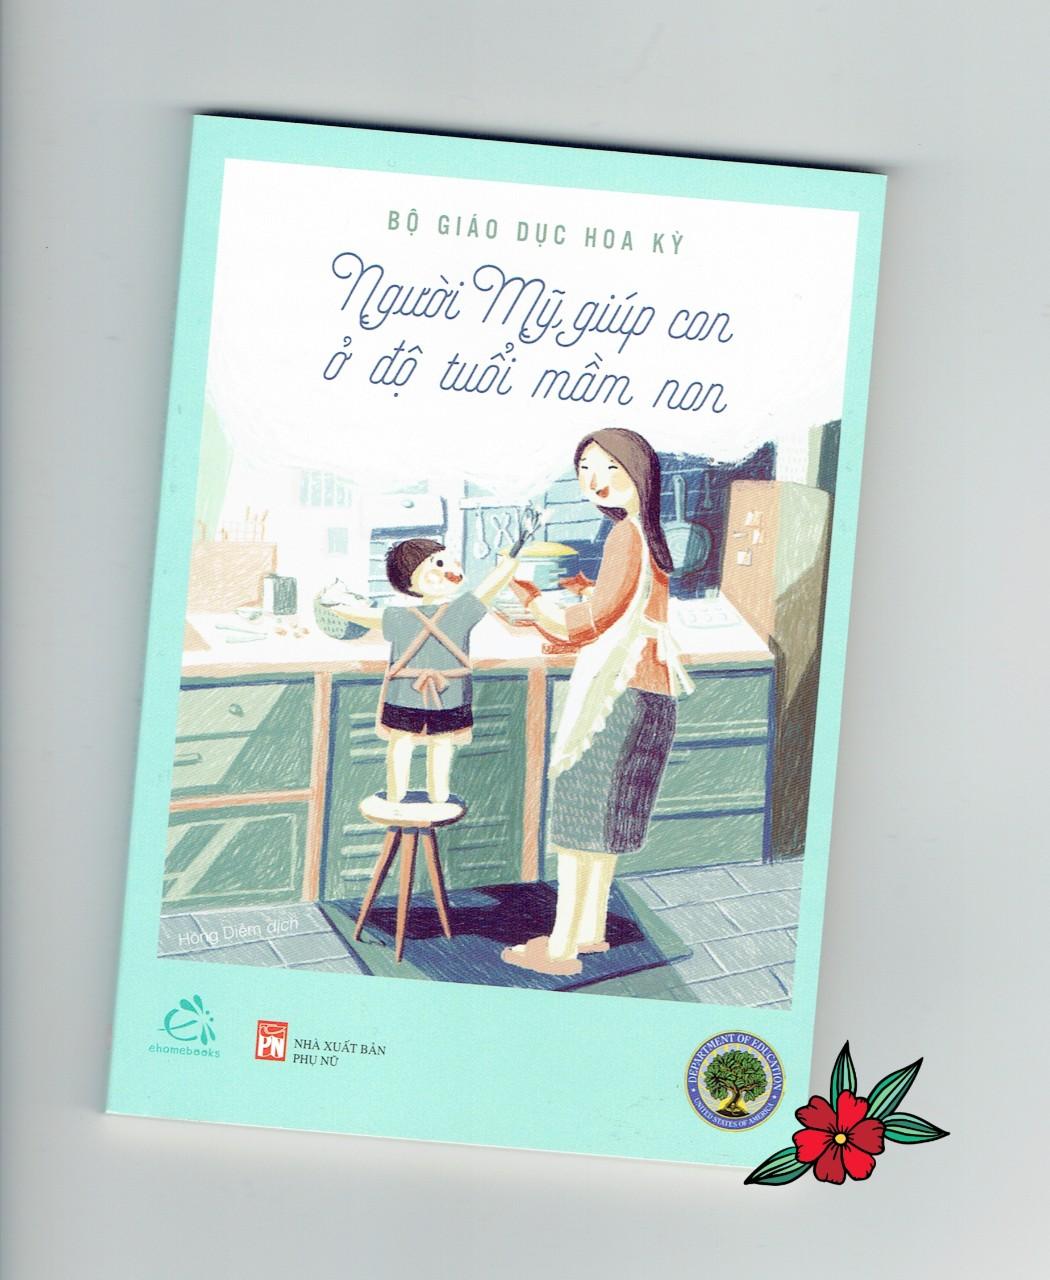 Combo Ehon Nhật Bản Bộ 7 Cuốn (0-6 Tuổi) - Ehon Nhật Bản Tuổi mầm non (Tái bản 2019) + Tặng kèm Sách Người Mỹ giúp con ở độ tuổi mầm non